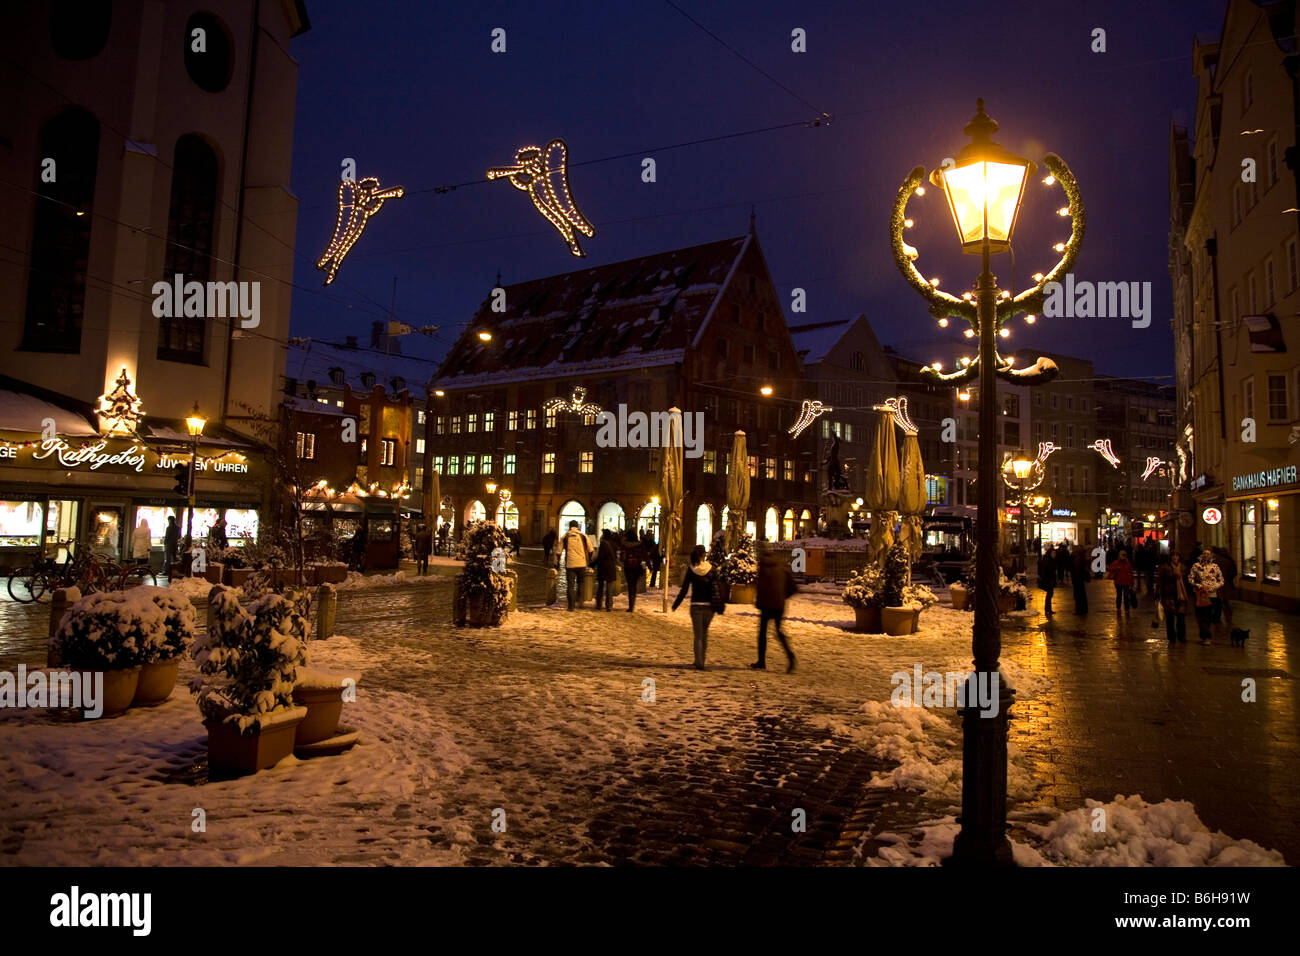 Die Menschen gehen auf einer verschneiten Abend-Straße in der charmanten Stadt Augsburg in Bayern, Deutschland. Stockbild